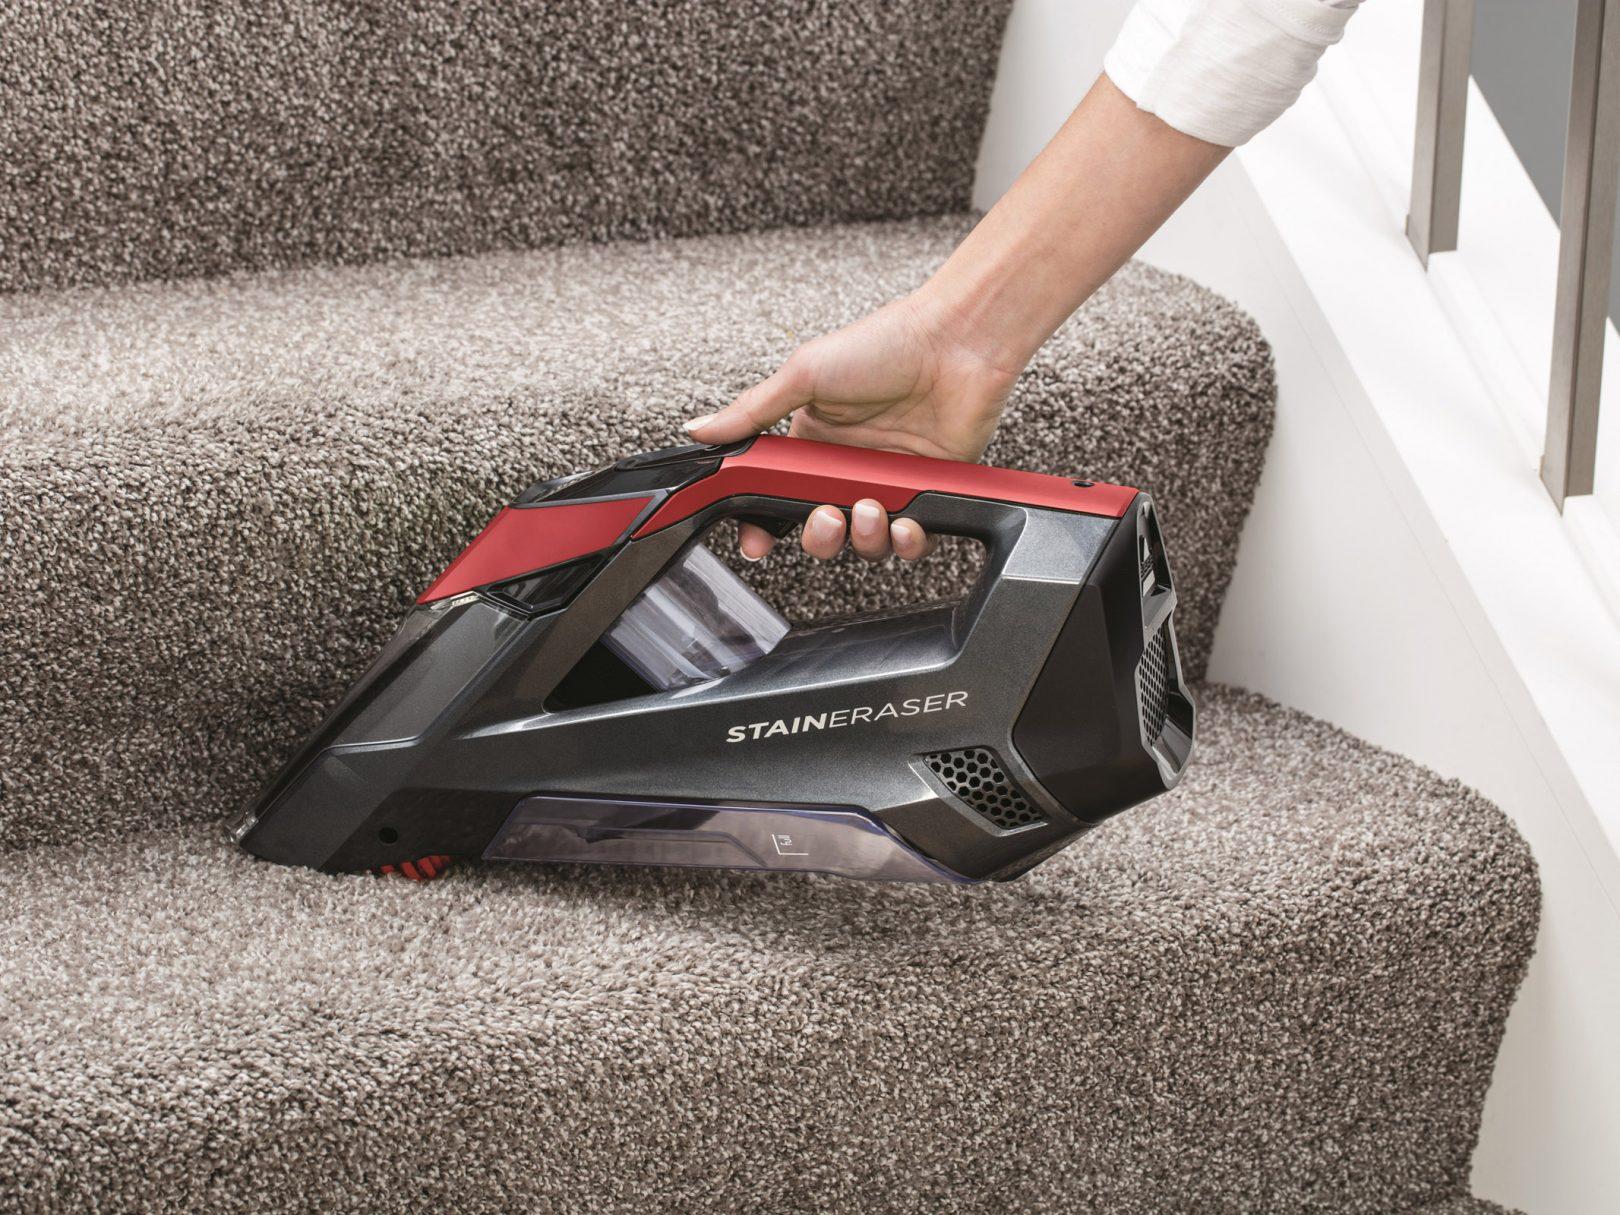 Bissell Stain Eraser utilisé pour nettoyer un escalier recouvert de moquette